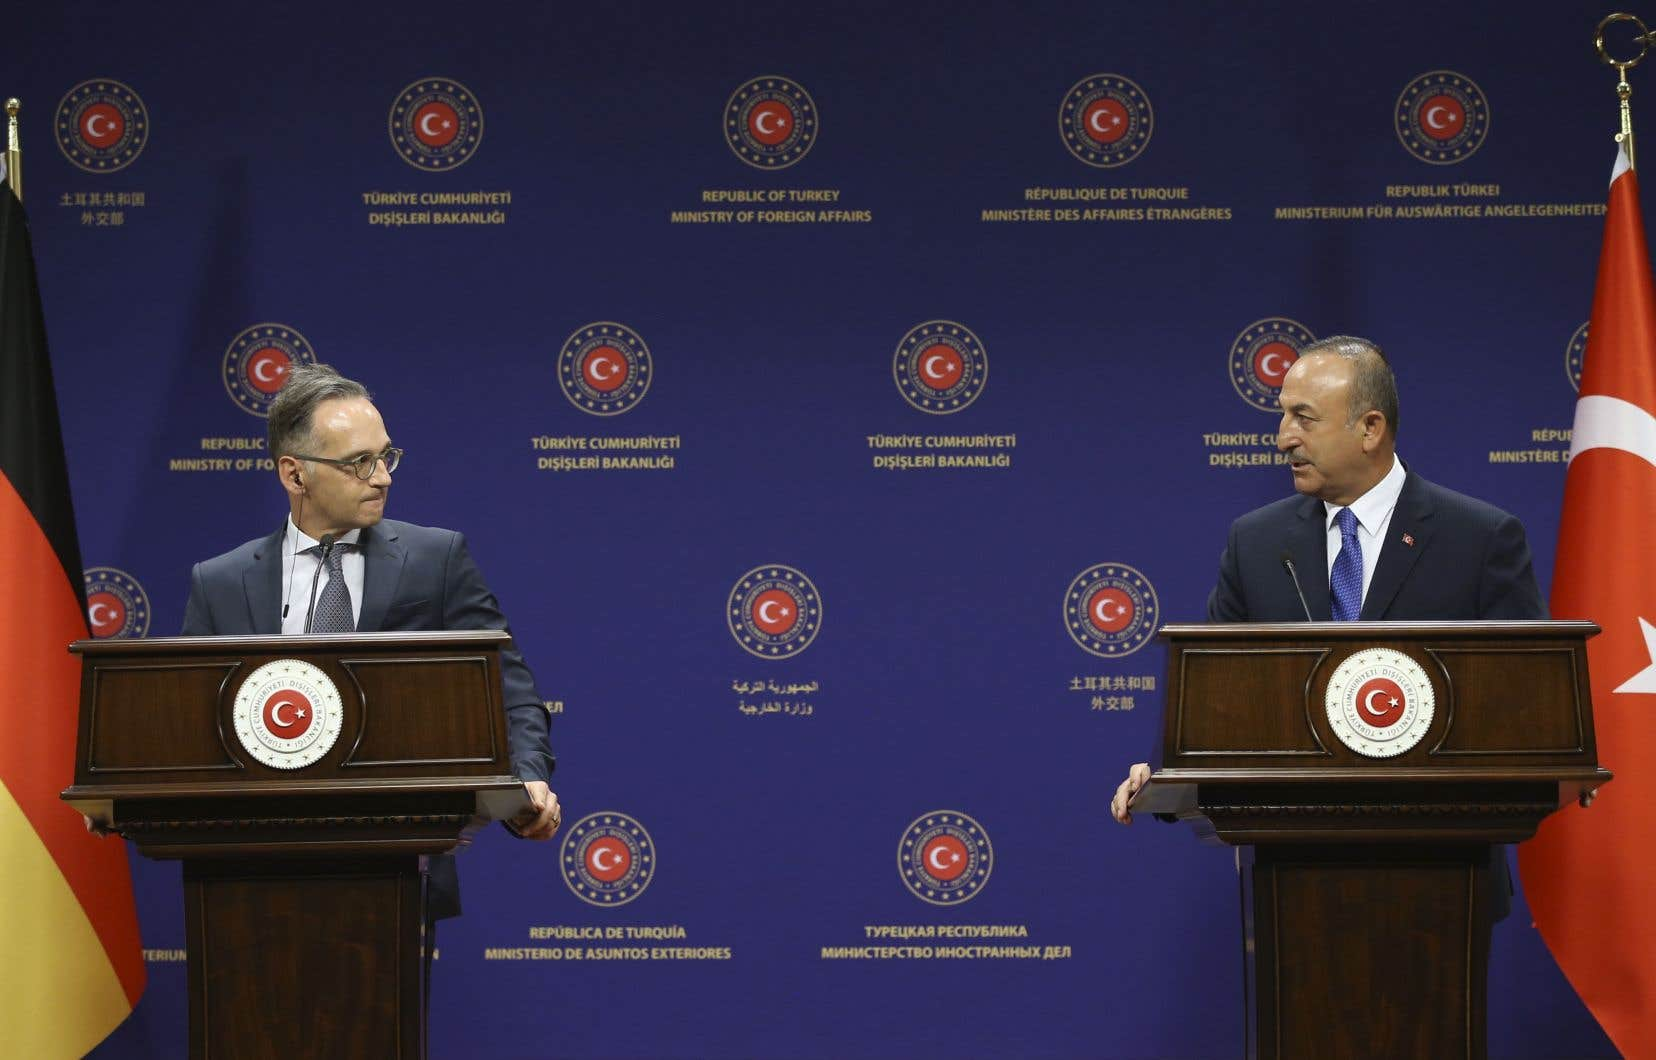 Le ministre turc des Affaires étrangères, Mevlut Cavusoglu et son homologue allemand Heiko Maas s'adressent aux médias après leurs entretiens, le 25 août 2020, à Ankara.